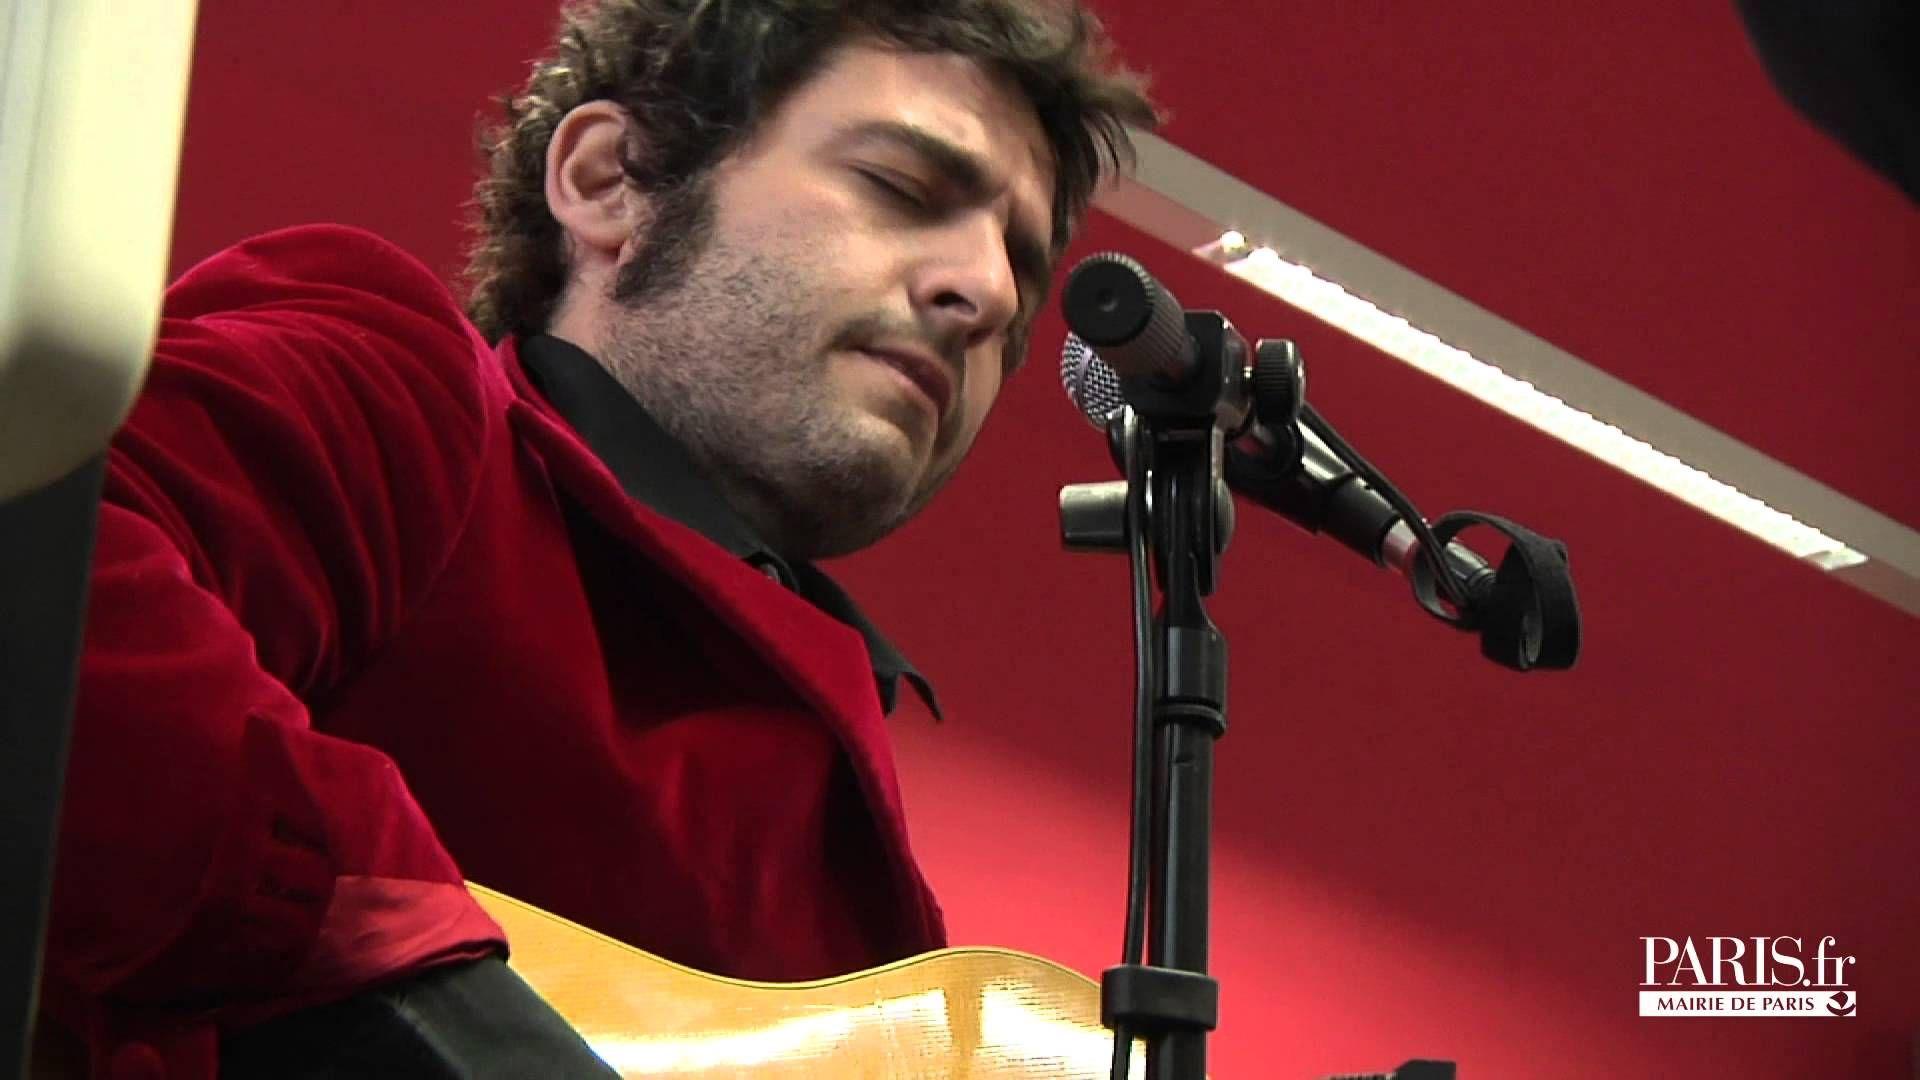 Concert de -M- en hommage à sa grand-mère Andrée Chedid